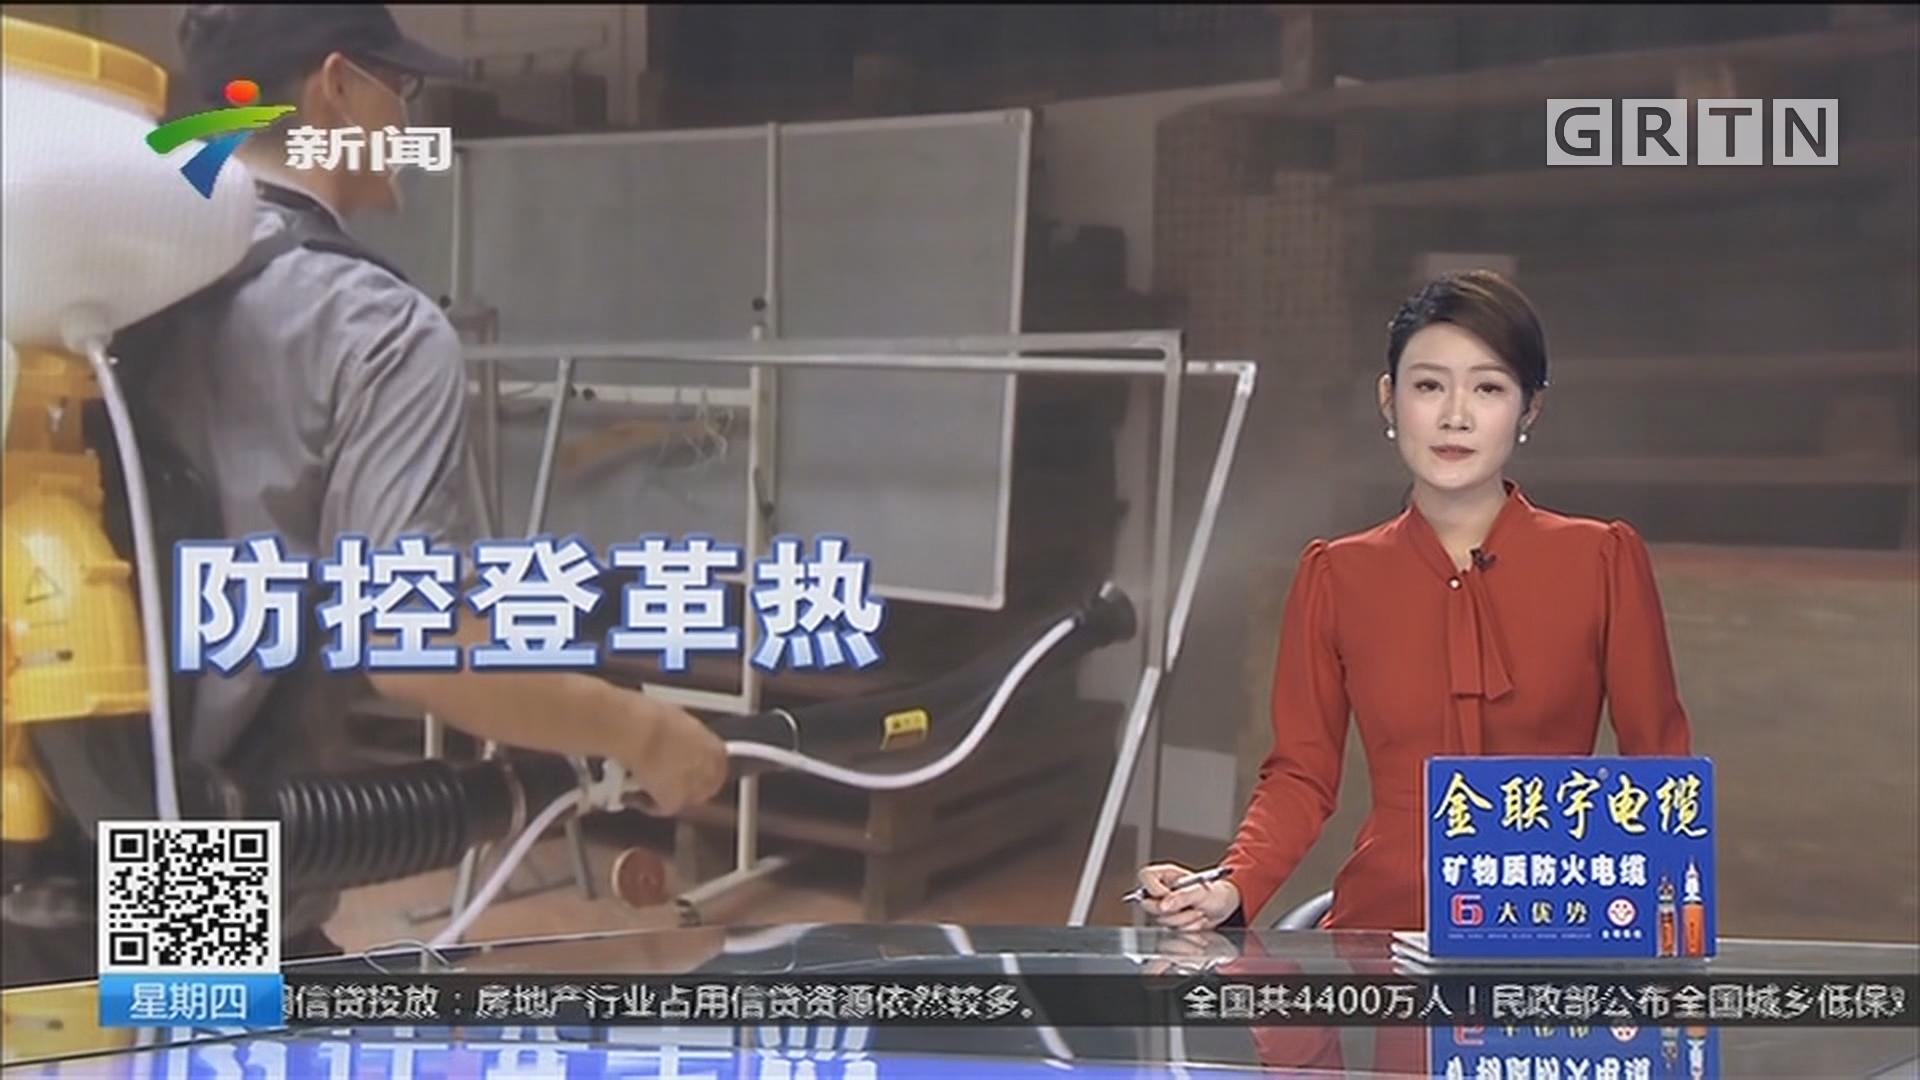 广东:防控登革热 灭蚊是关键